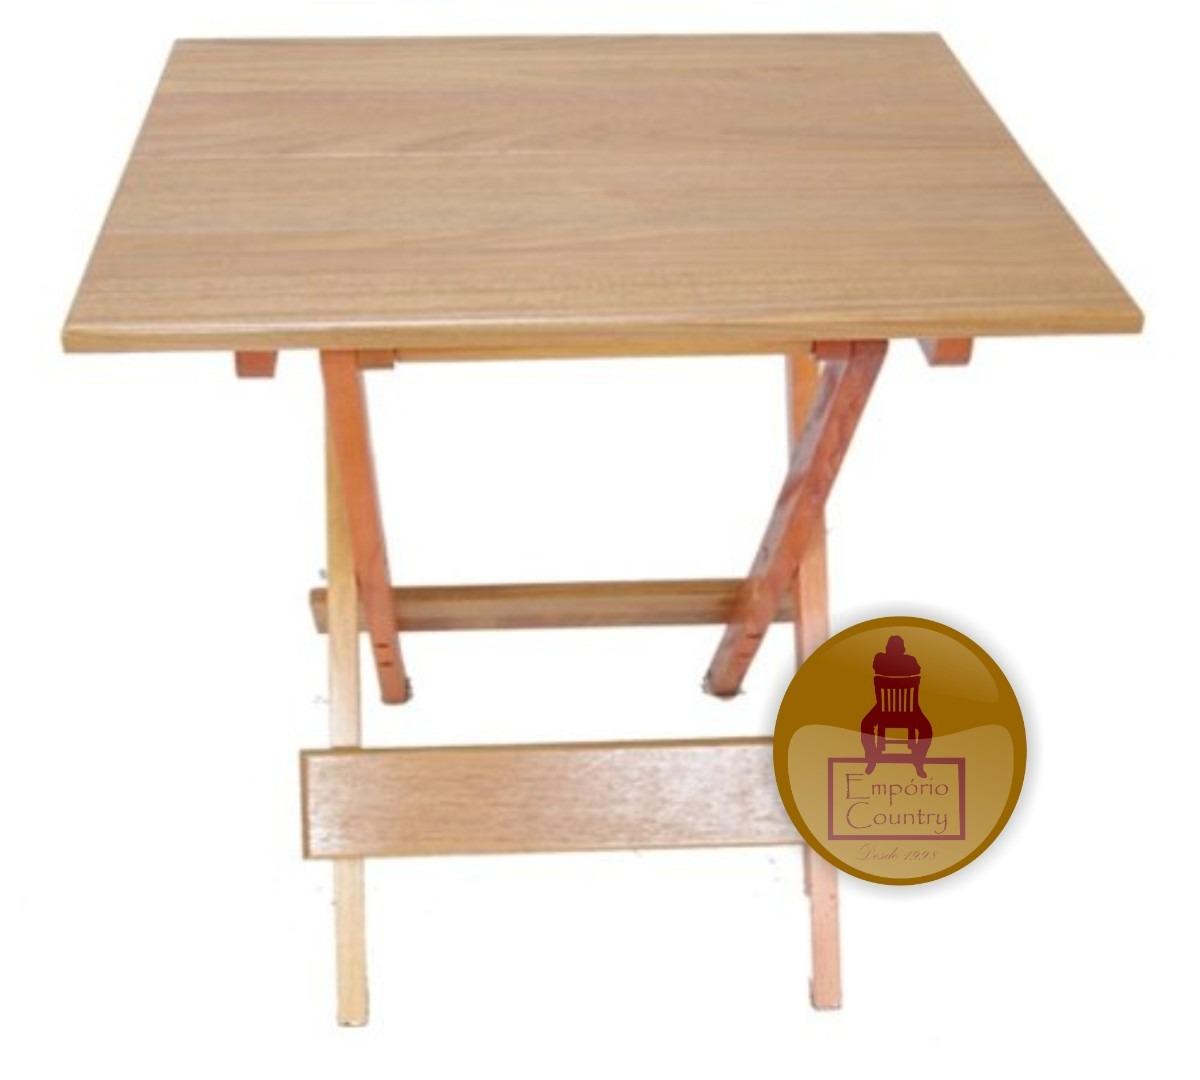 Como fazer mesa dobravel de madeira – Loja cem moveis guarda roupa #9C691F 1200x1080